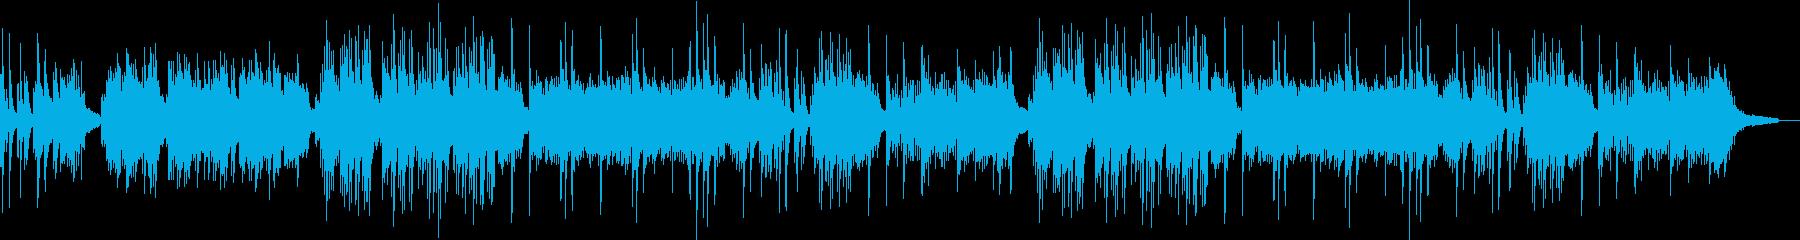 せつなさを感じるソロピアノのバラードの再生済みの波形